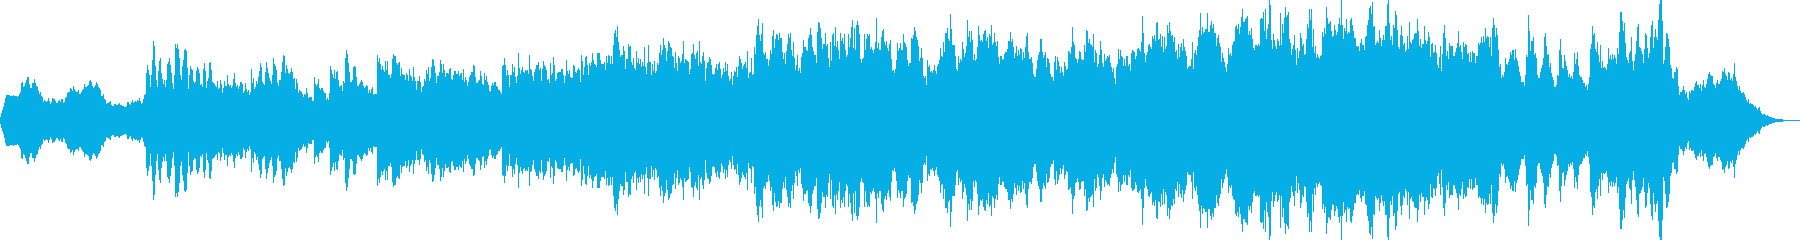 アンビエント・ミニマル・ヒーリング音楽の再生済みの波形